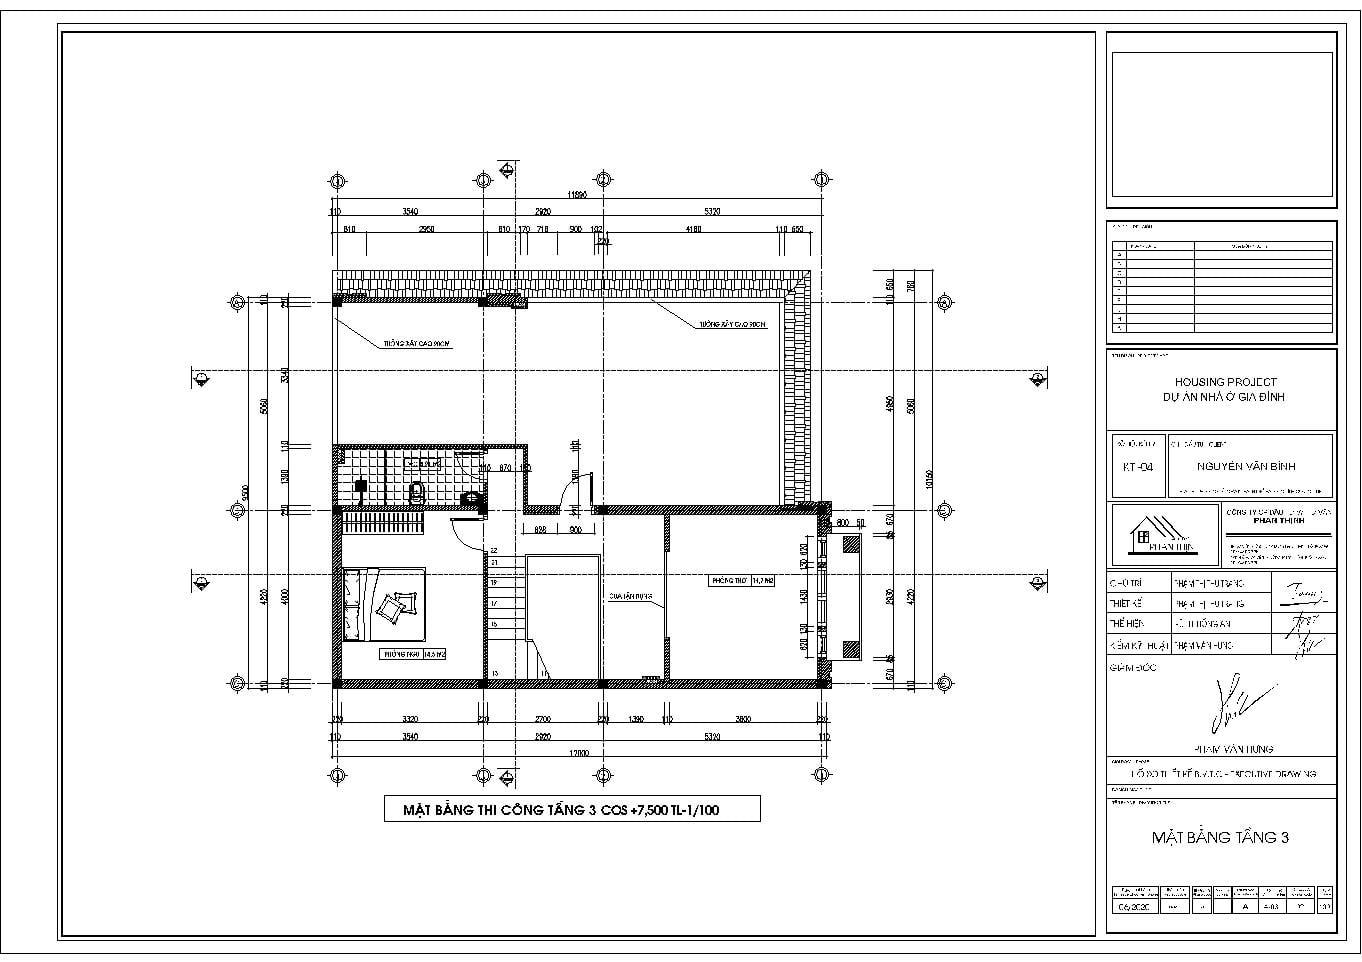 Mặt bằng thiết kế tại tầng 3